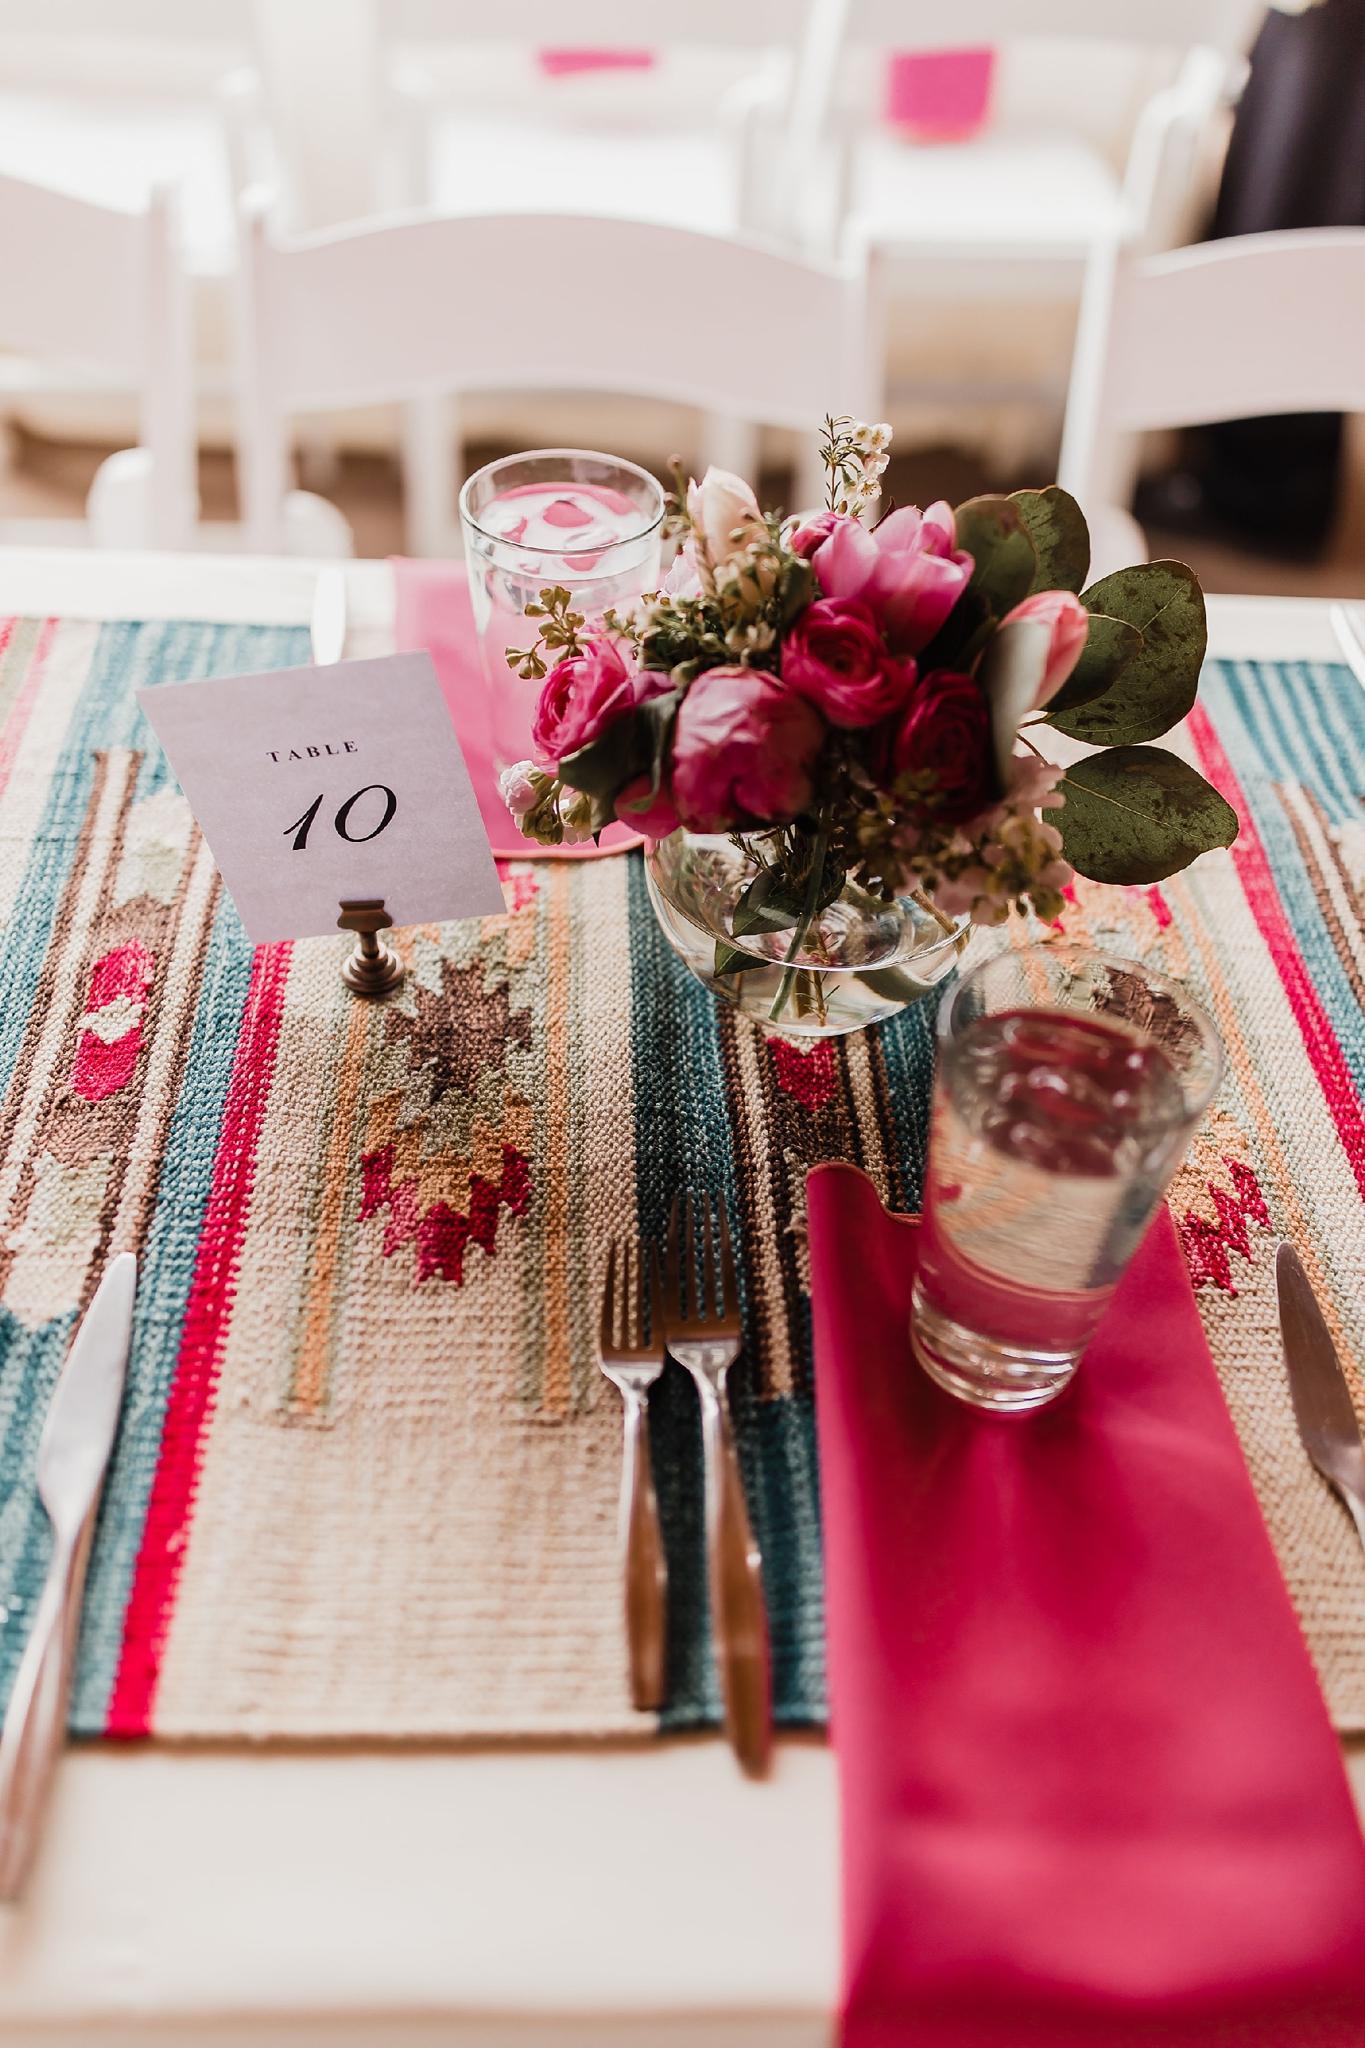 Alicia+lucia+photography+-+albuquerque+wedding+photographer+-+santa+fe+wedding+photography+-+new+mexico+wedding+photographer+-+new+mexico+wedding+-+summer+wedding+-+summer+wedding+florals+-+southwest+wedding_0026.jpg